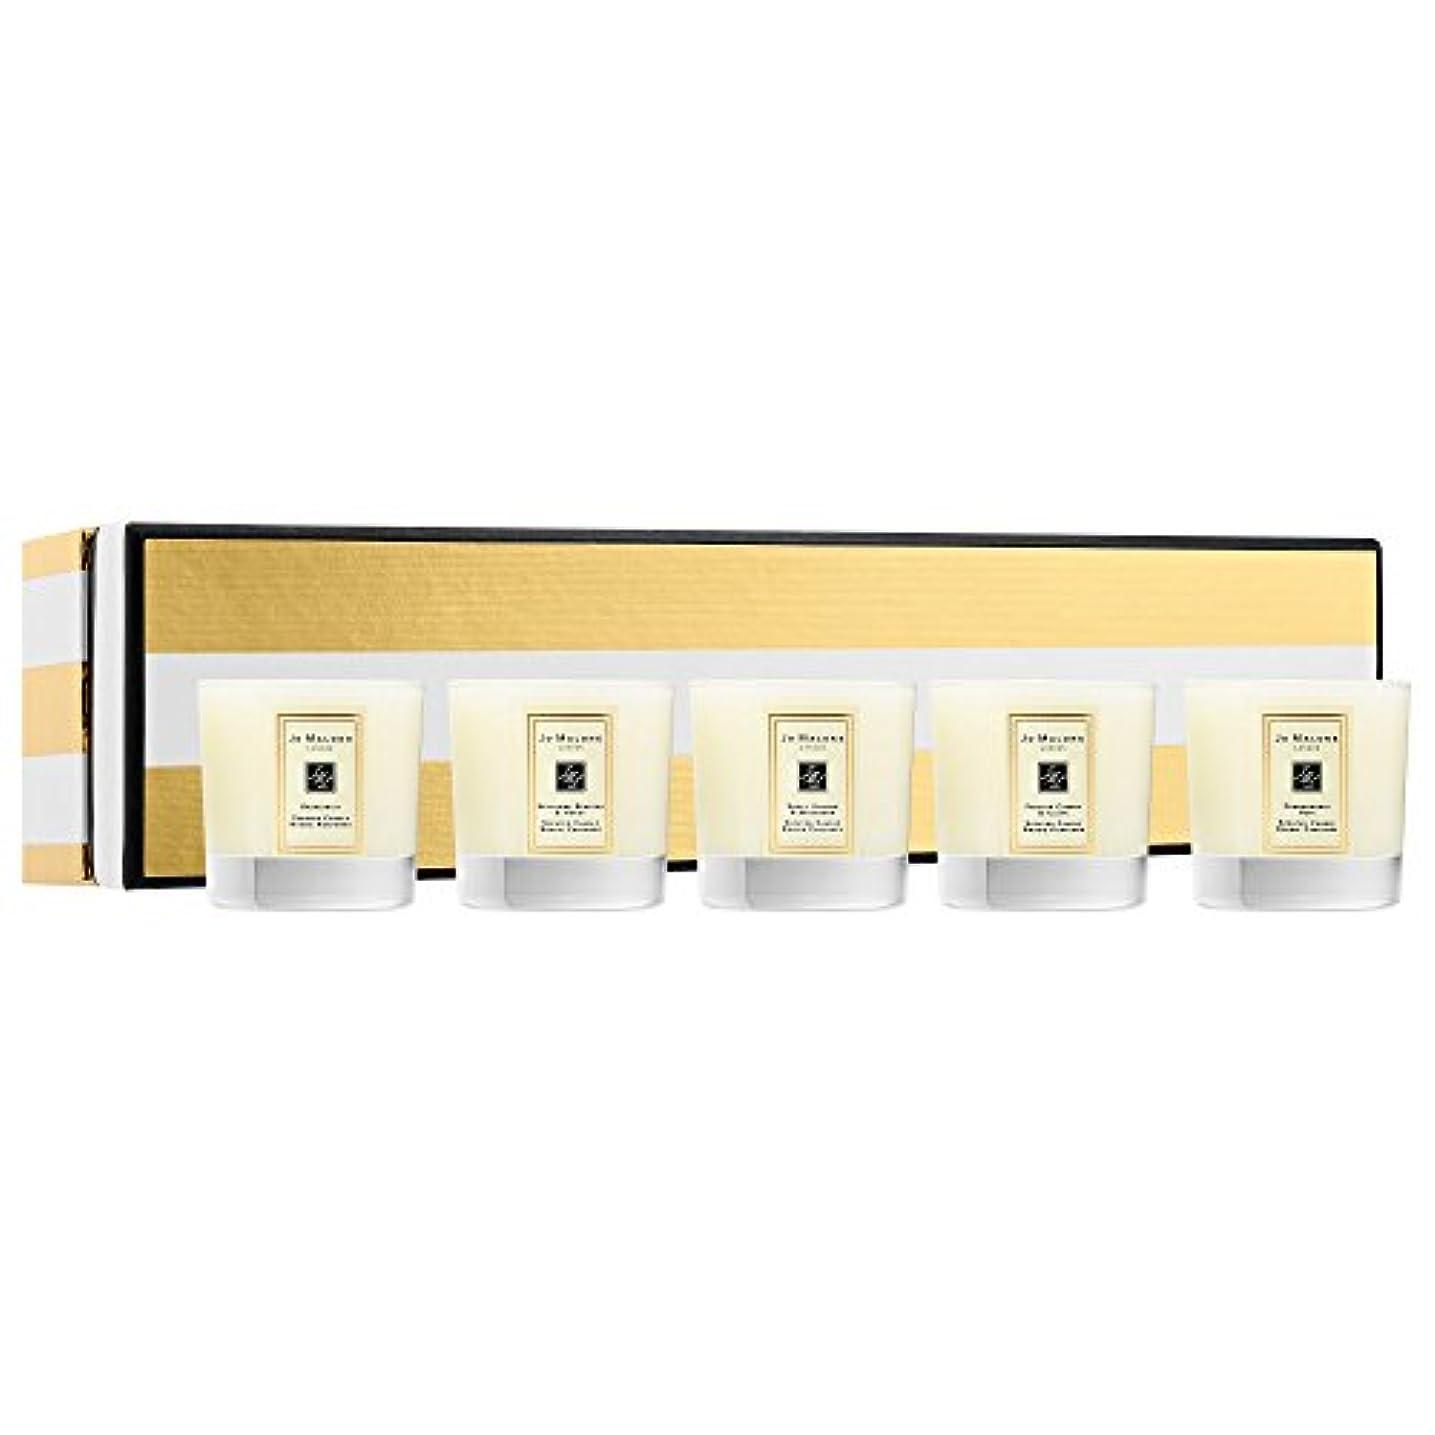 アボートごみ乳ジョーマローン 1.23 oz (35g) ミニチュア キャンドル ホリデー コレクション ギフトセット